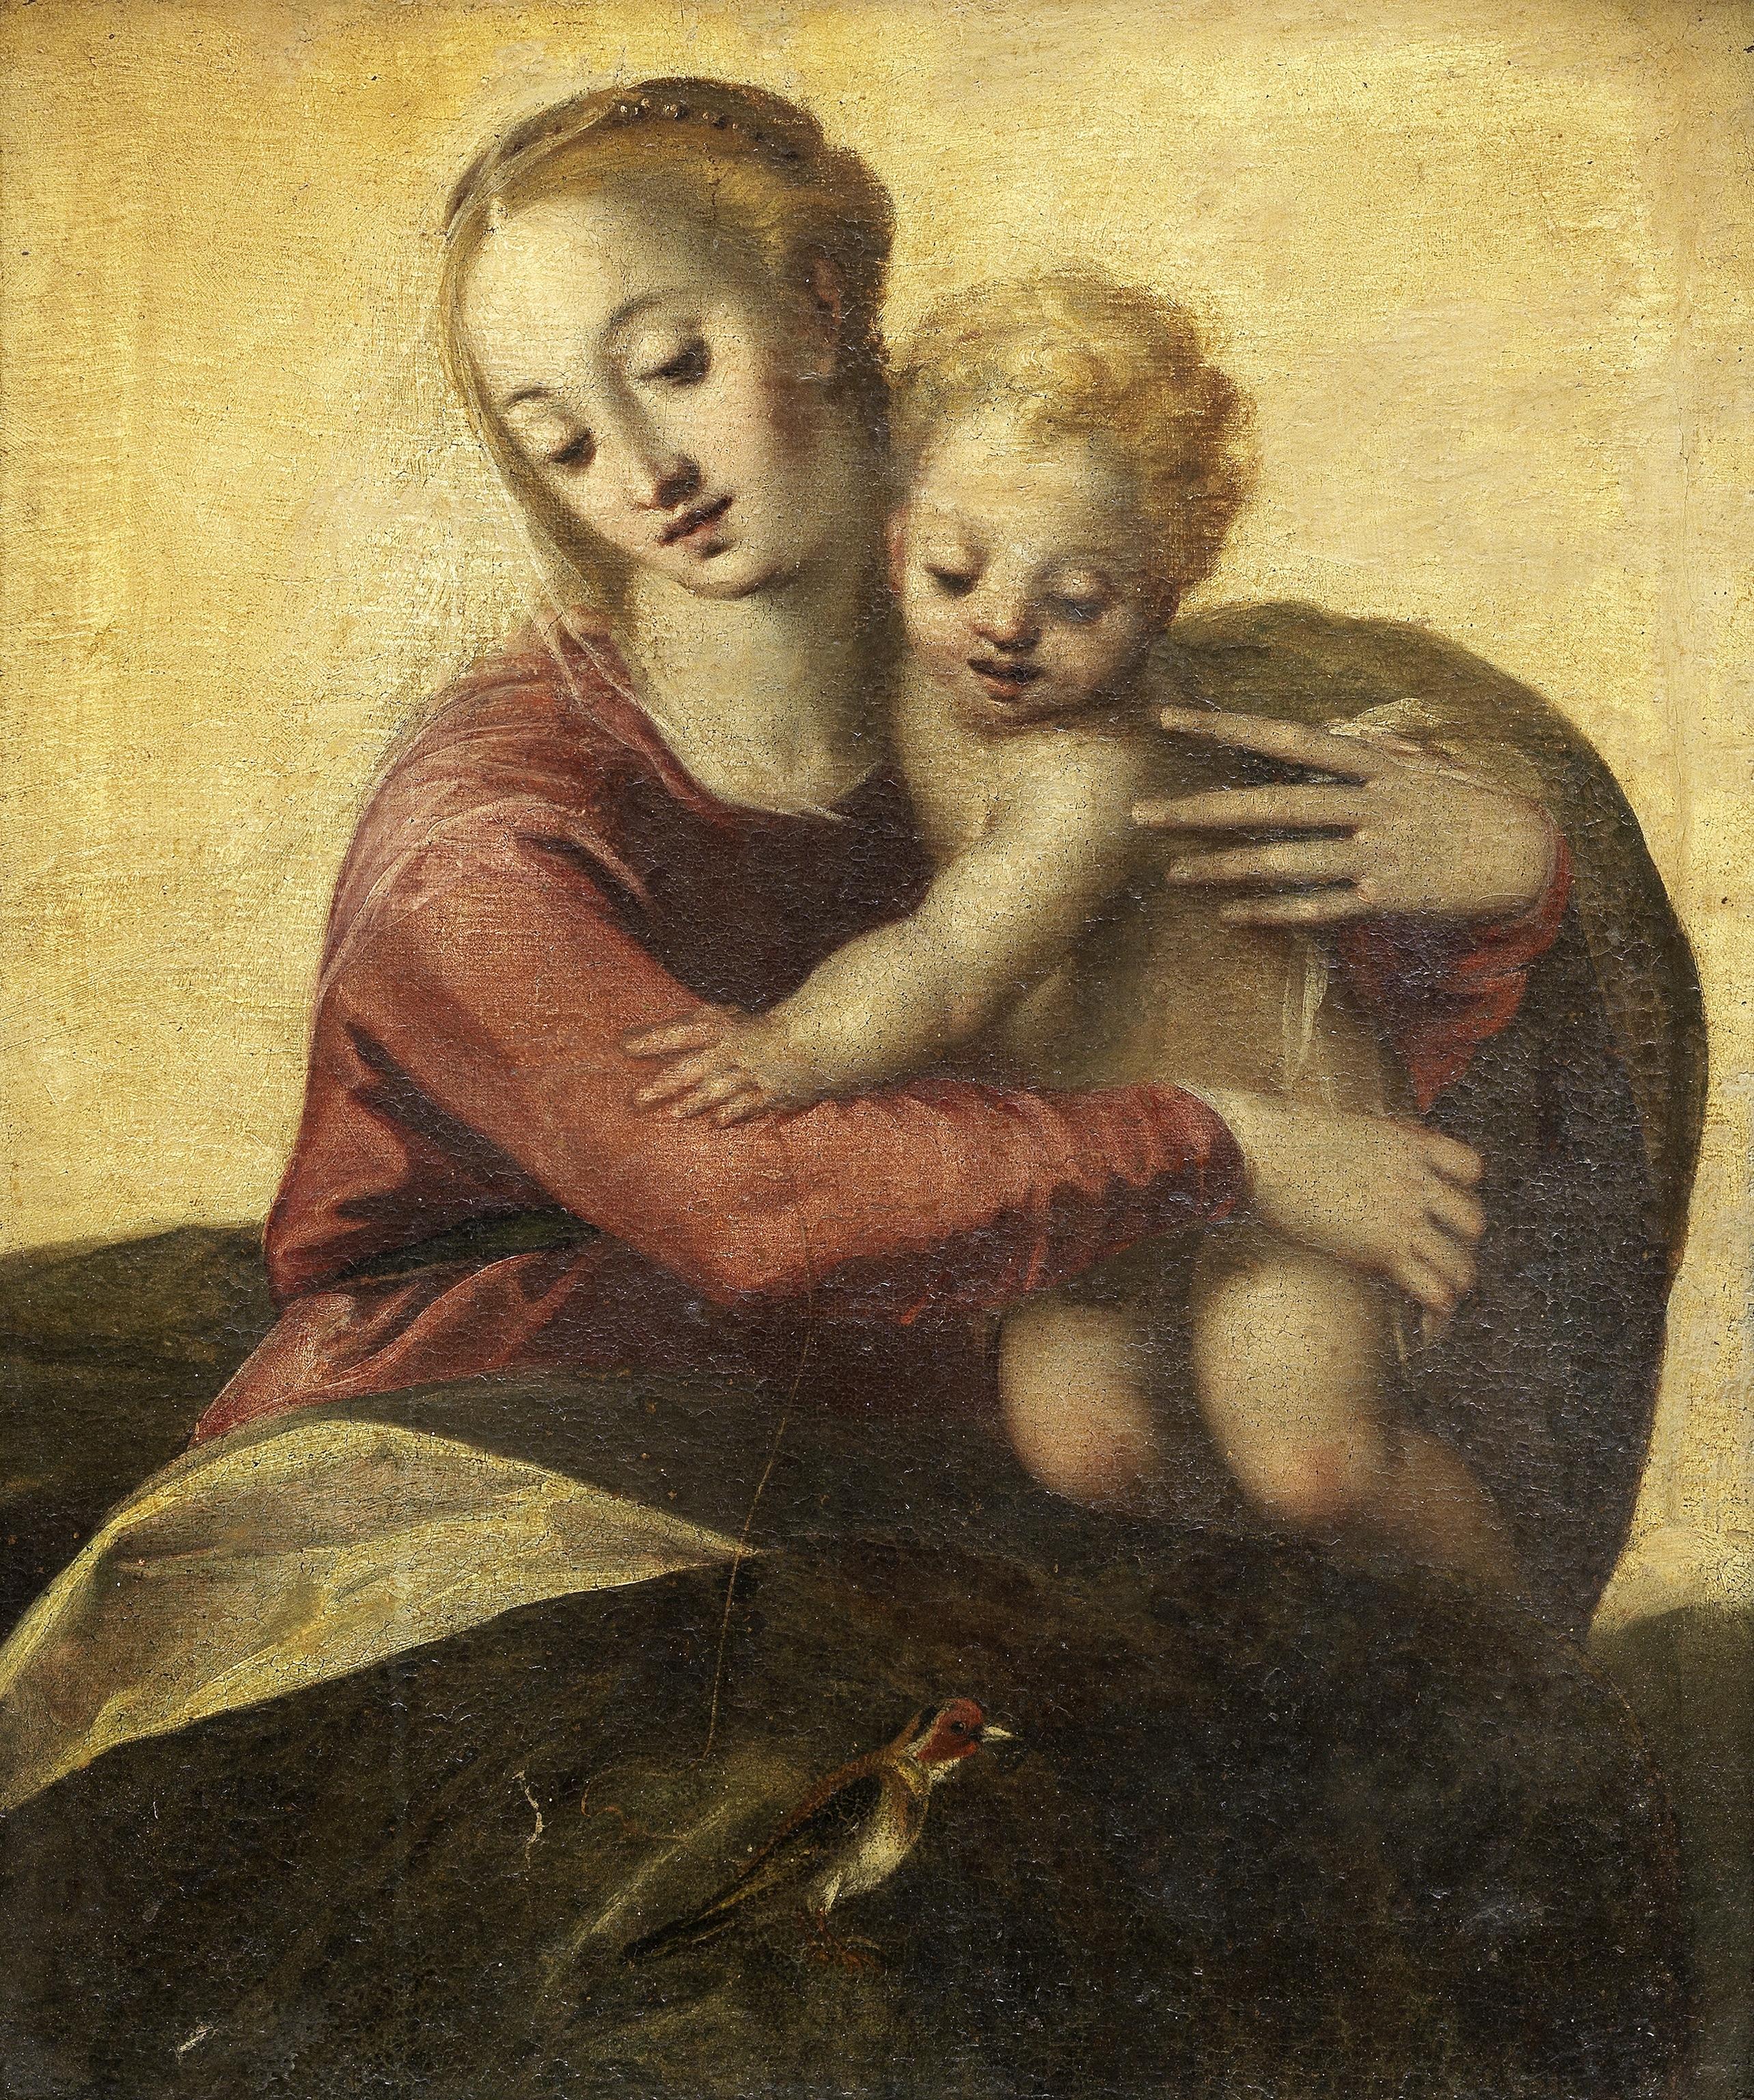 Circle of Jacopo Negretti, called Palma il Giovane (Venice circa 1548-1628) The Madonna and Child